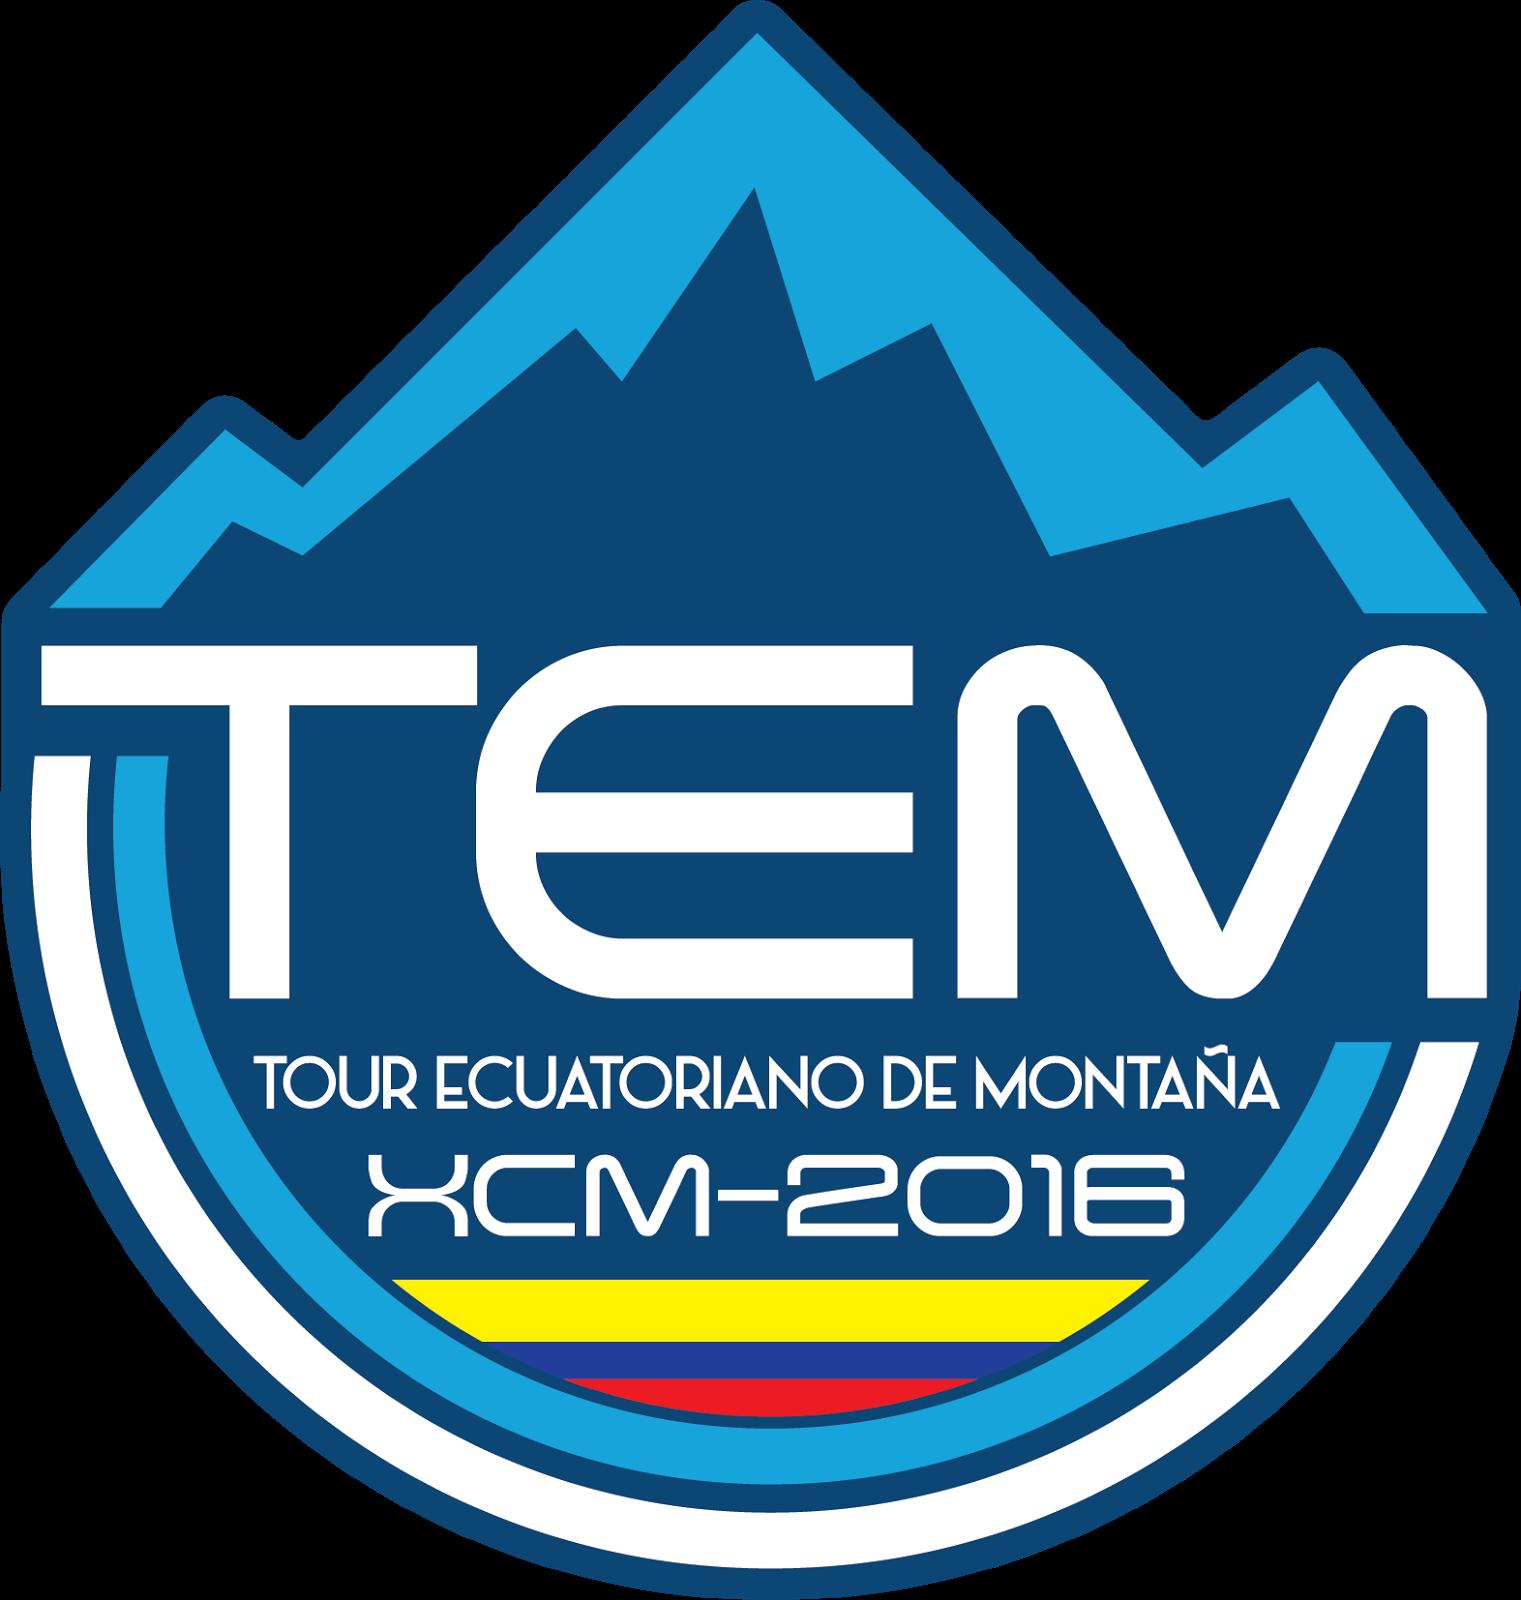 TOUR ECUATORIANO DE MONTAÑA XCM